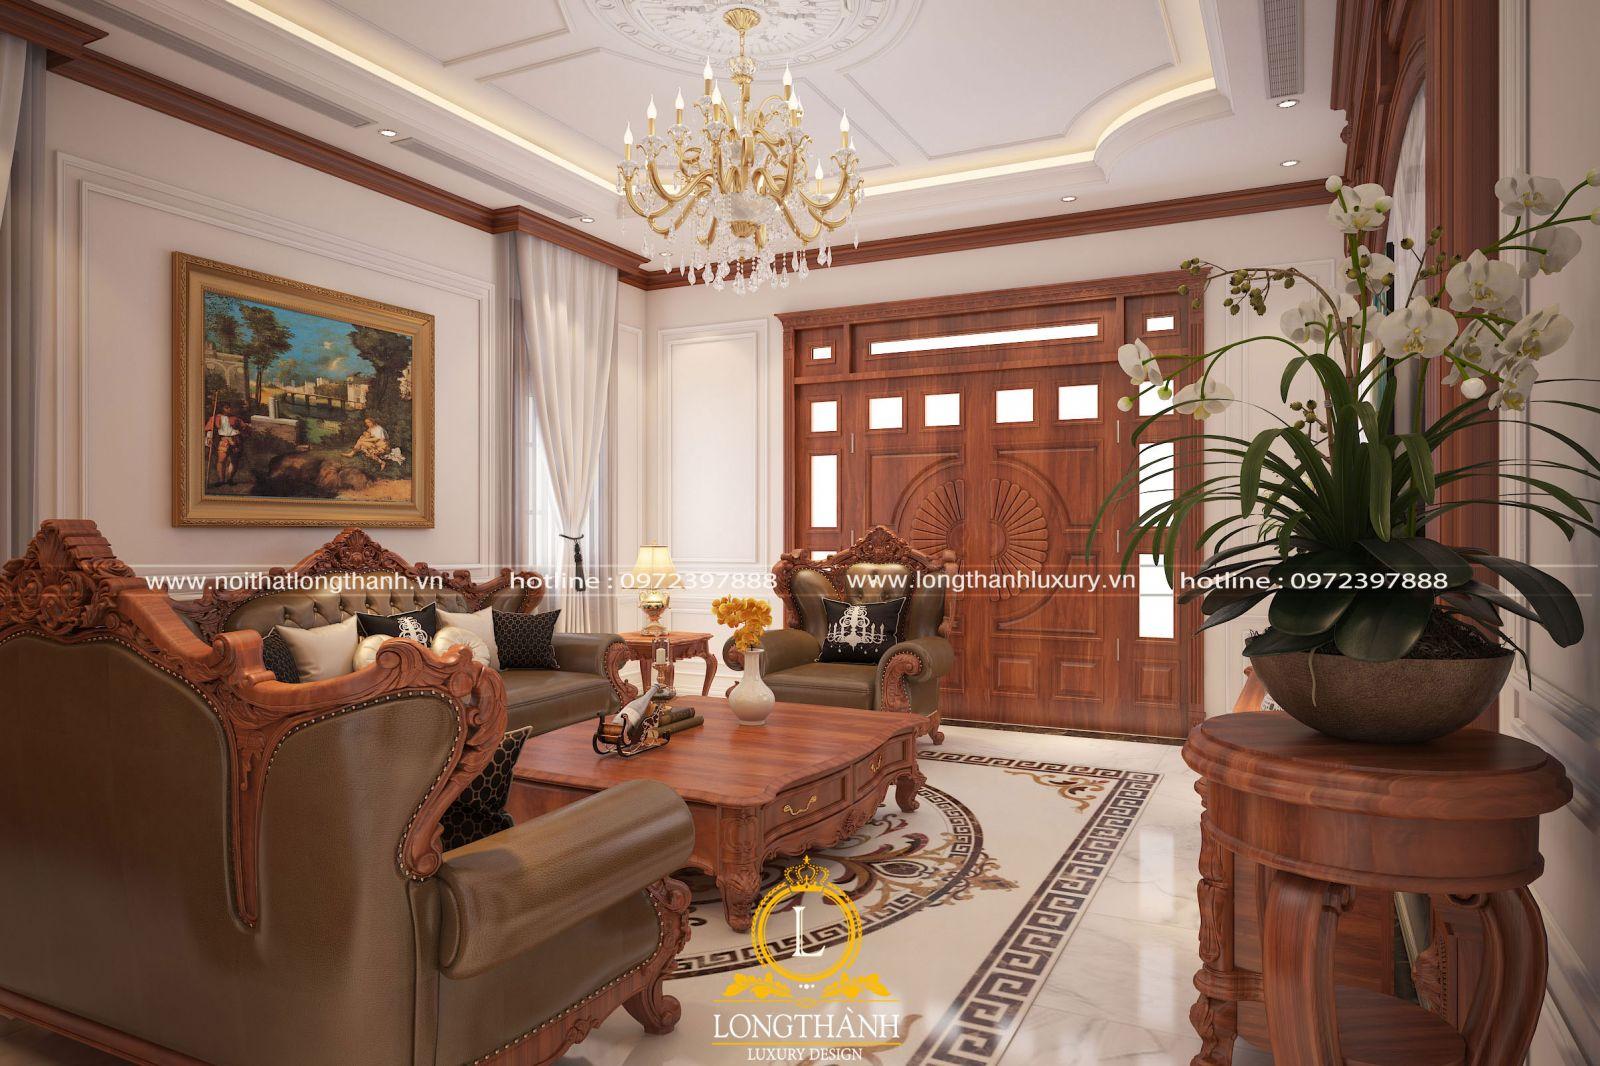 Phòng khách đẹp sang trọng độc đáo